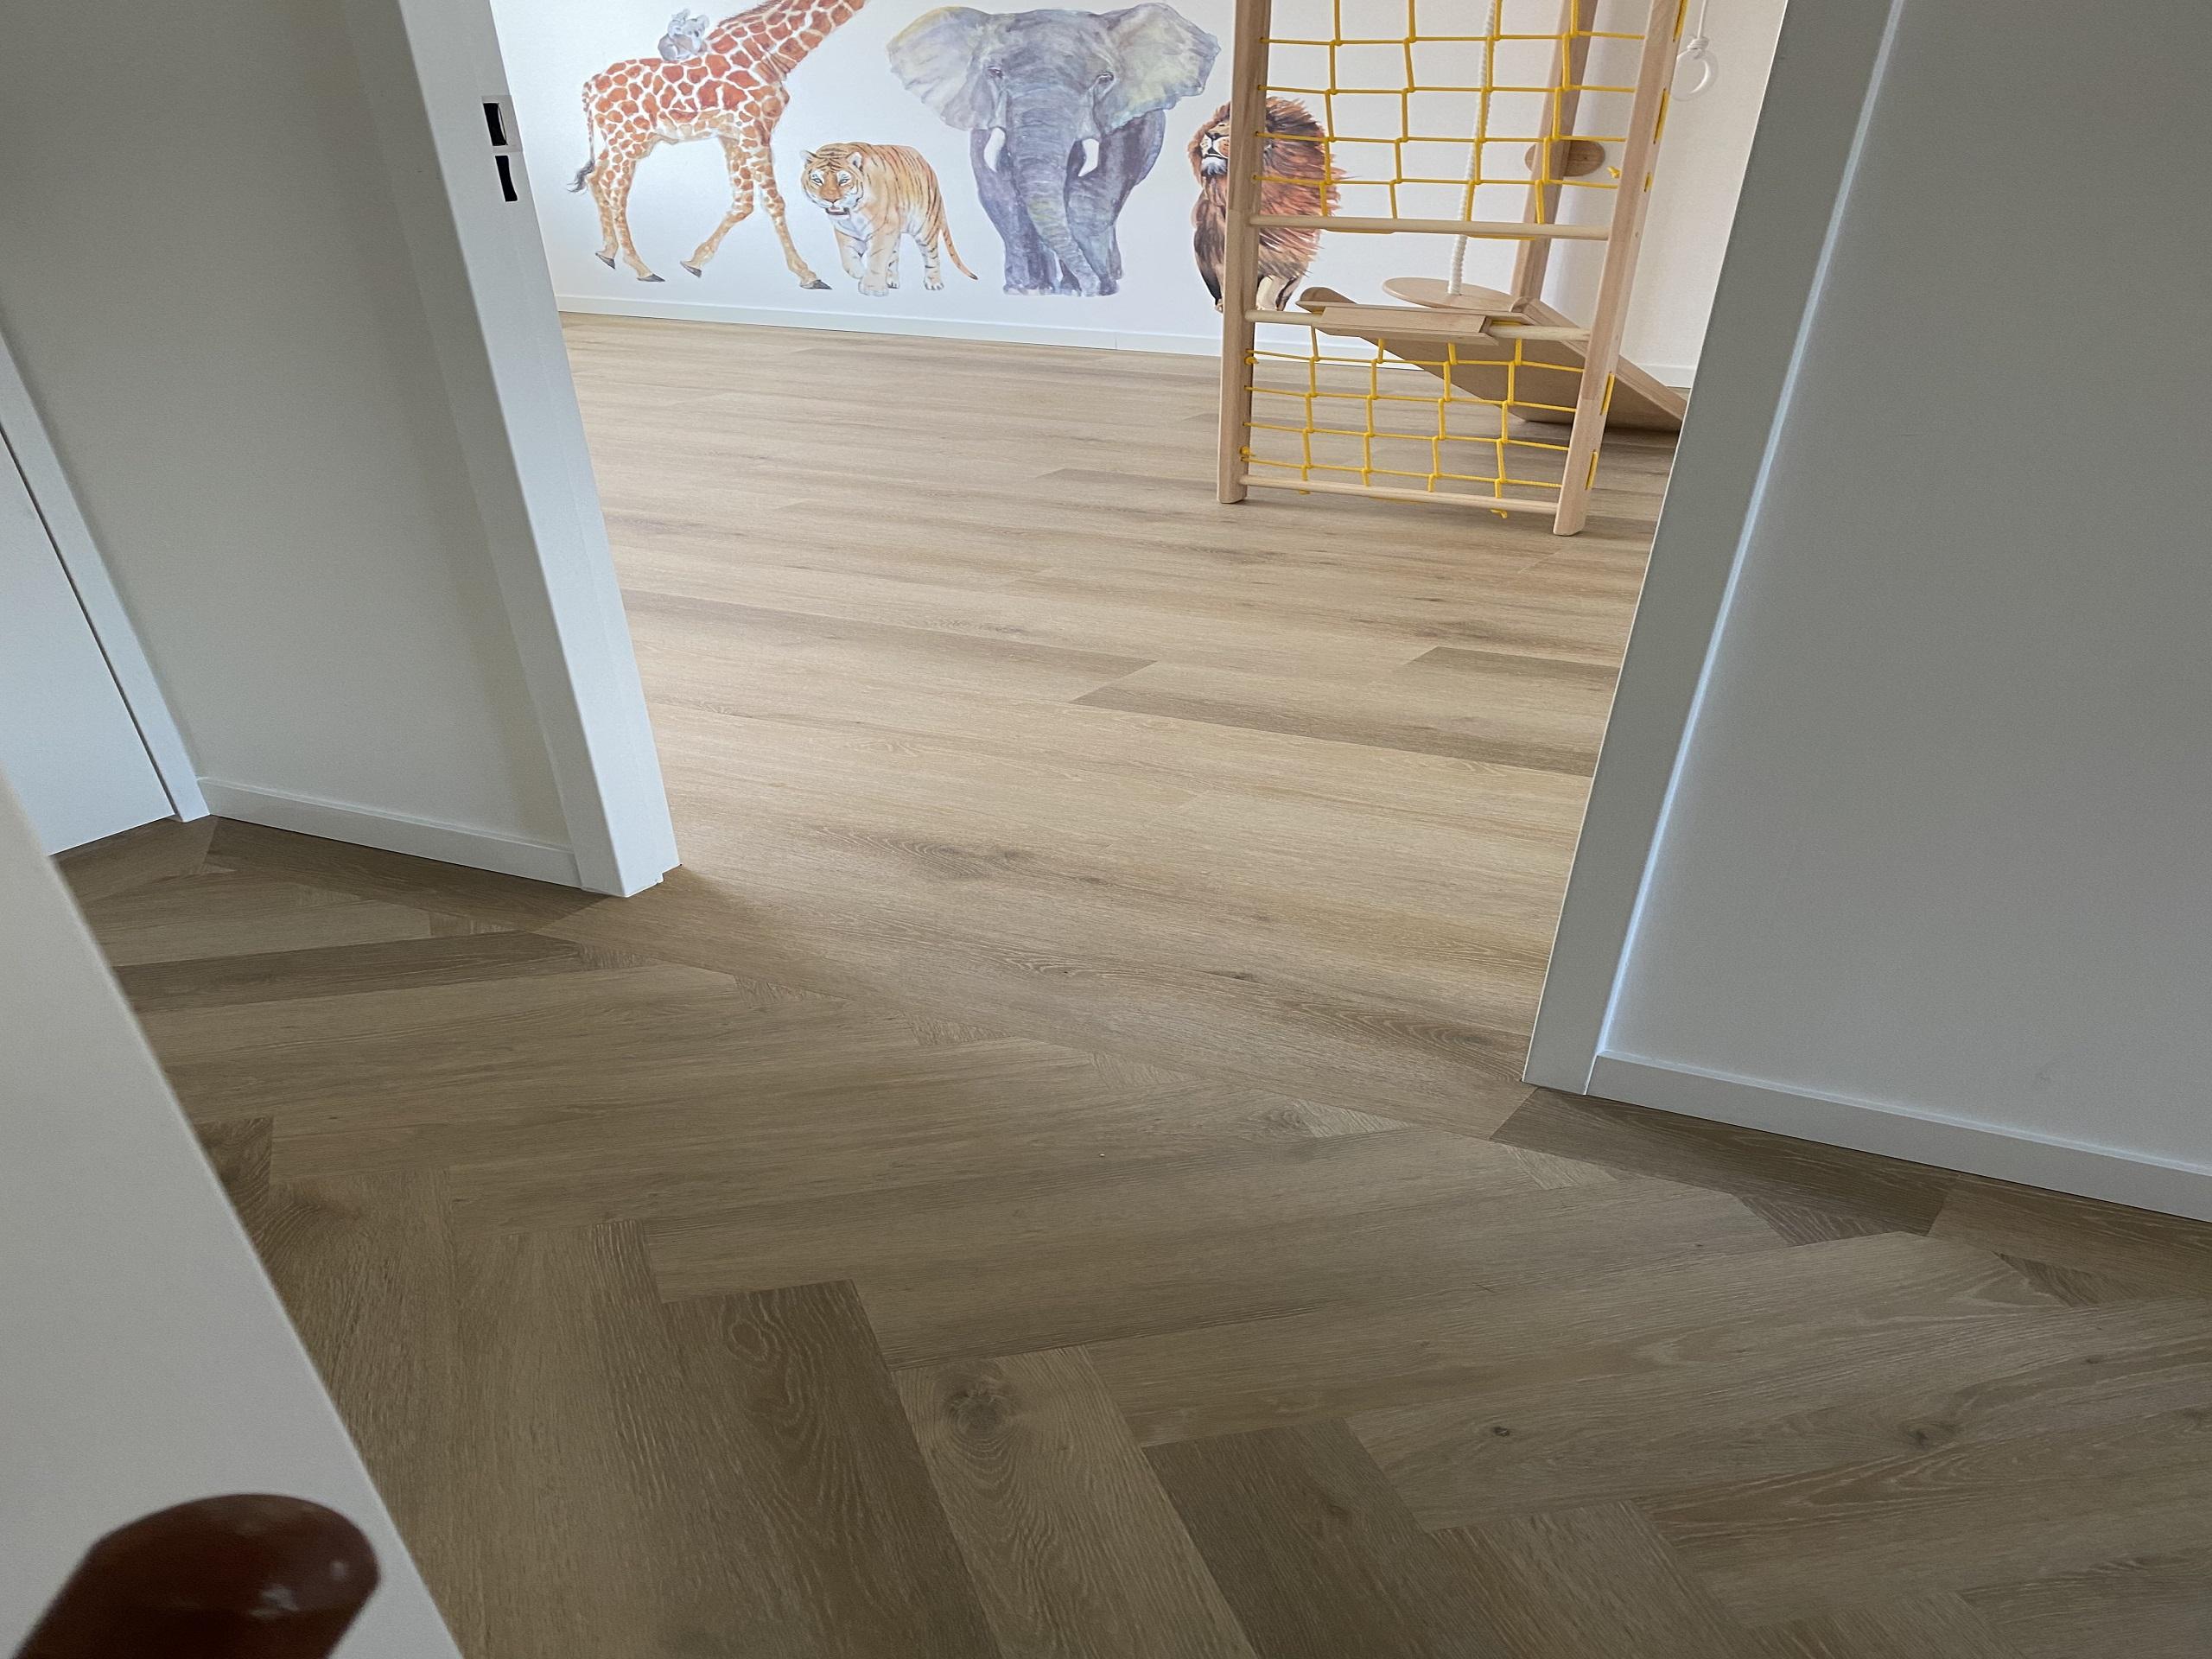 PVC Visgraatvloer gelegd slaapkamer